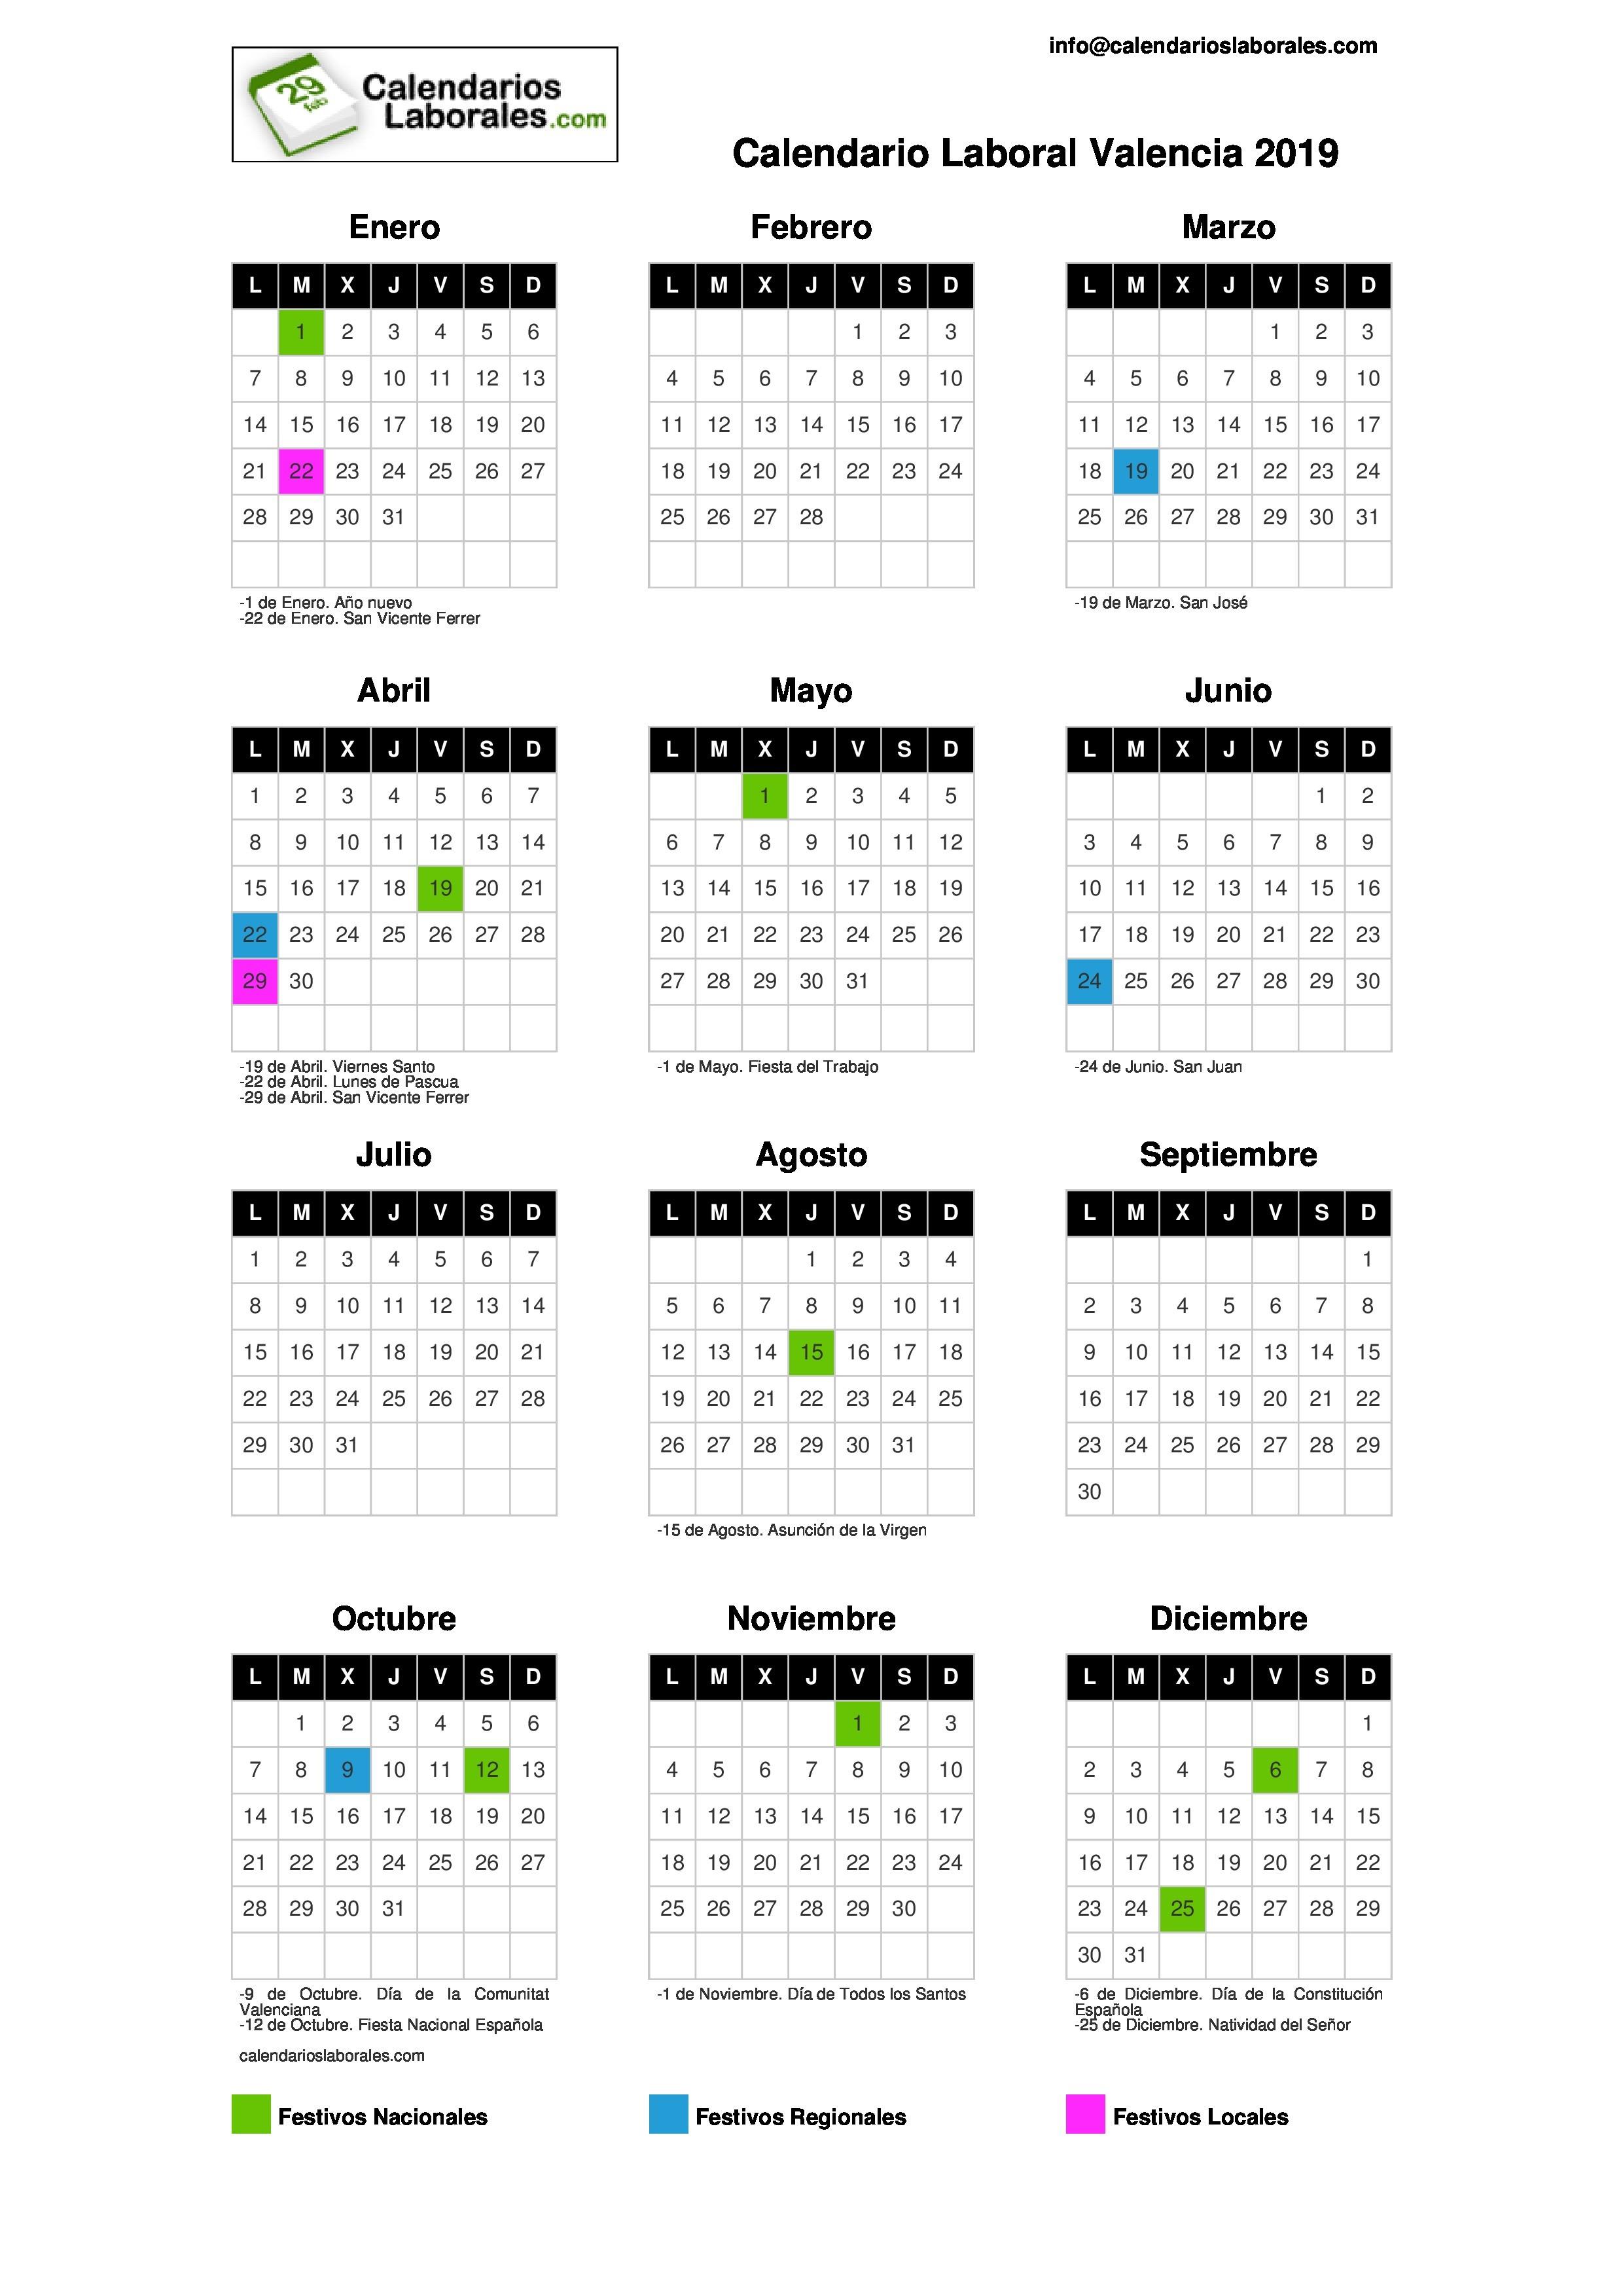 Calendario Laboral 2019 Gva SEONegativo